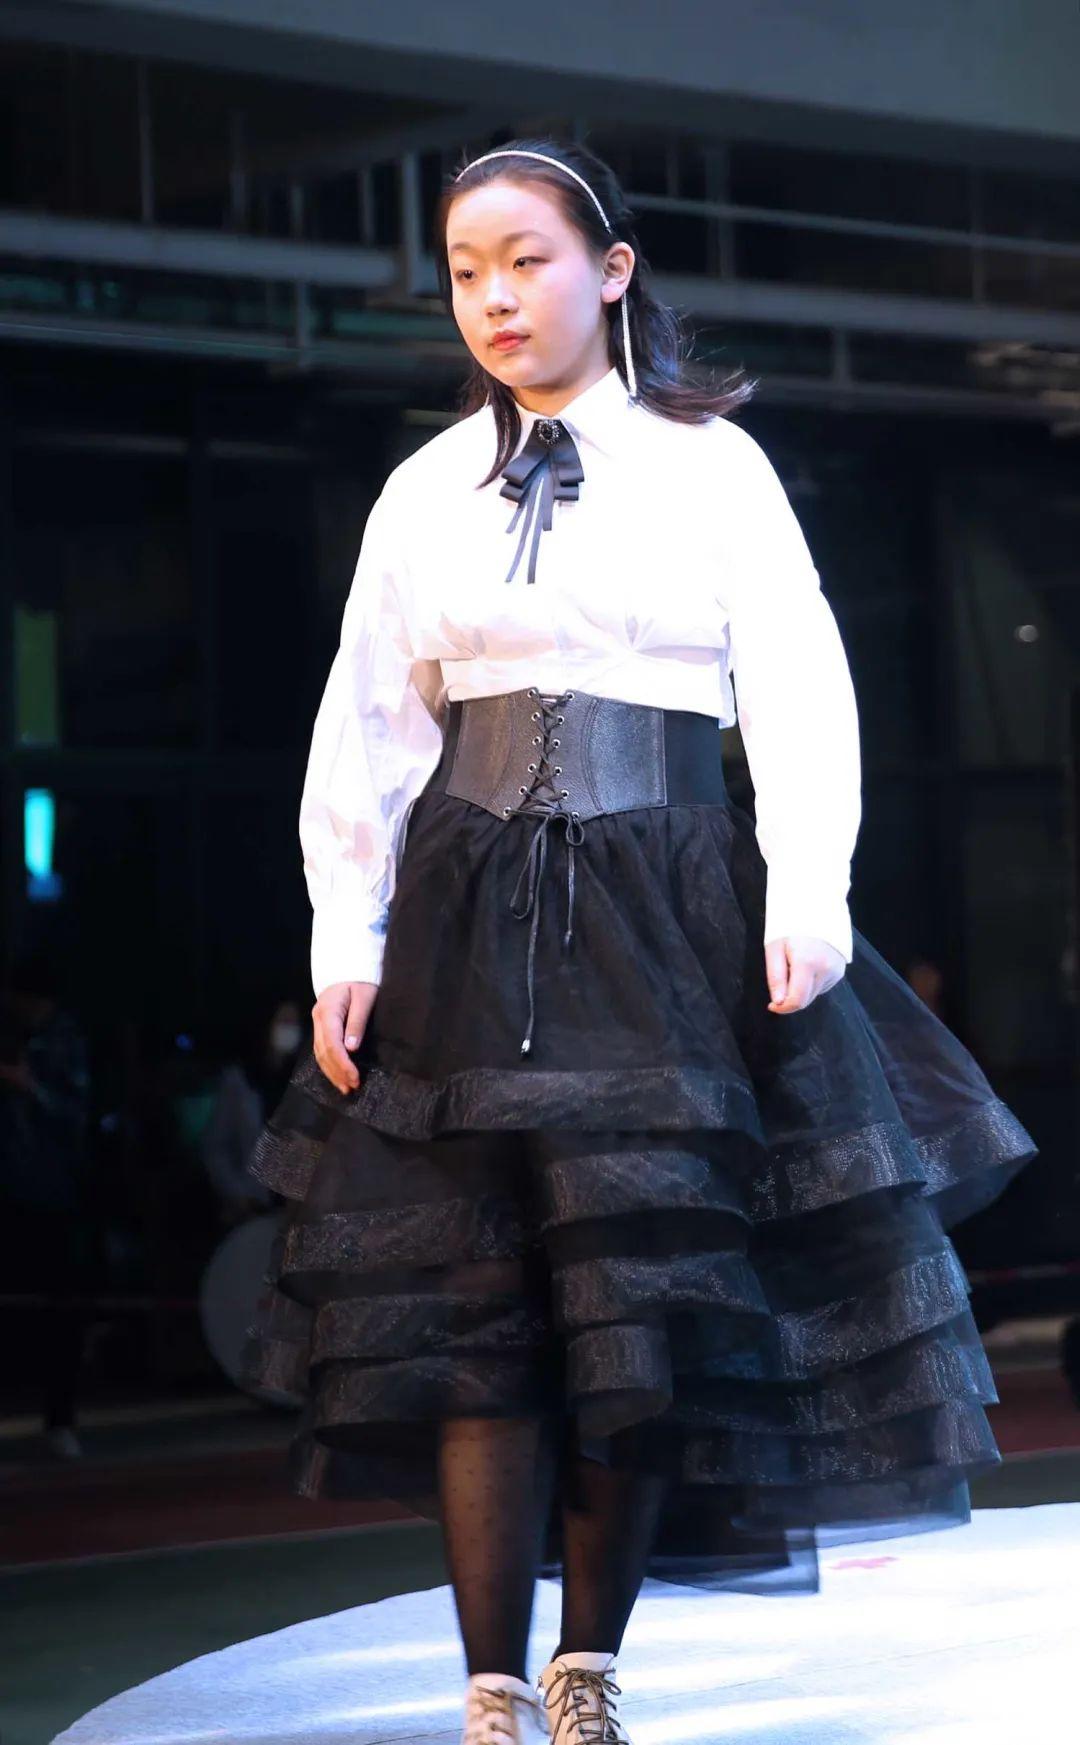 深国交2021 Fashion Show - 校园活动 疫情之下的时尚  深国交 深圳国际交流学院 第7张